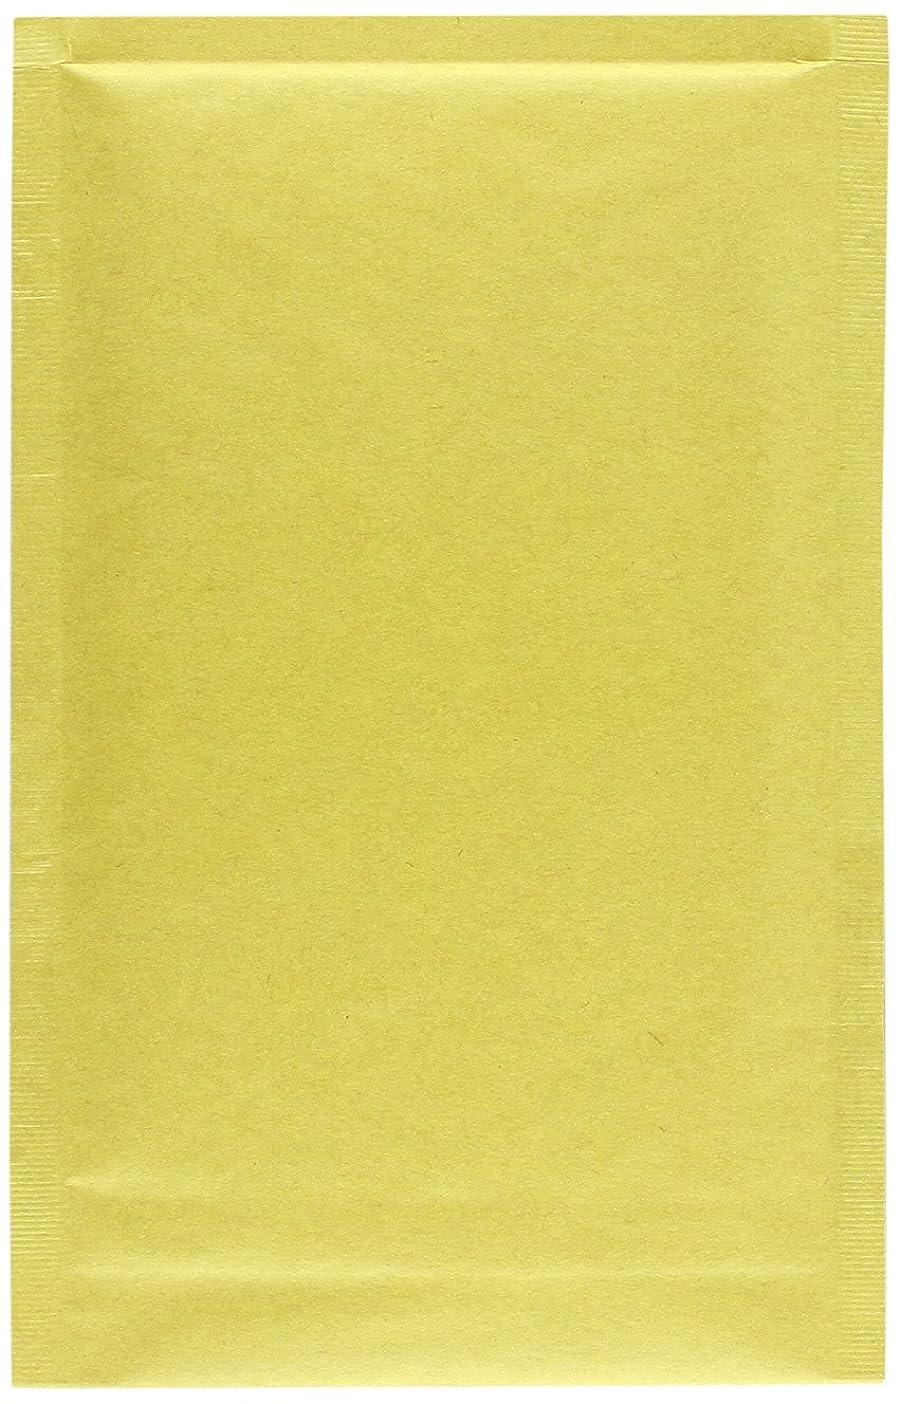 飢準備したレタス(メールライト) Mail Lite シールドエア ゴールド バブル メールバッグ 封筒 保護 (10枚入り)